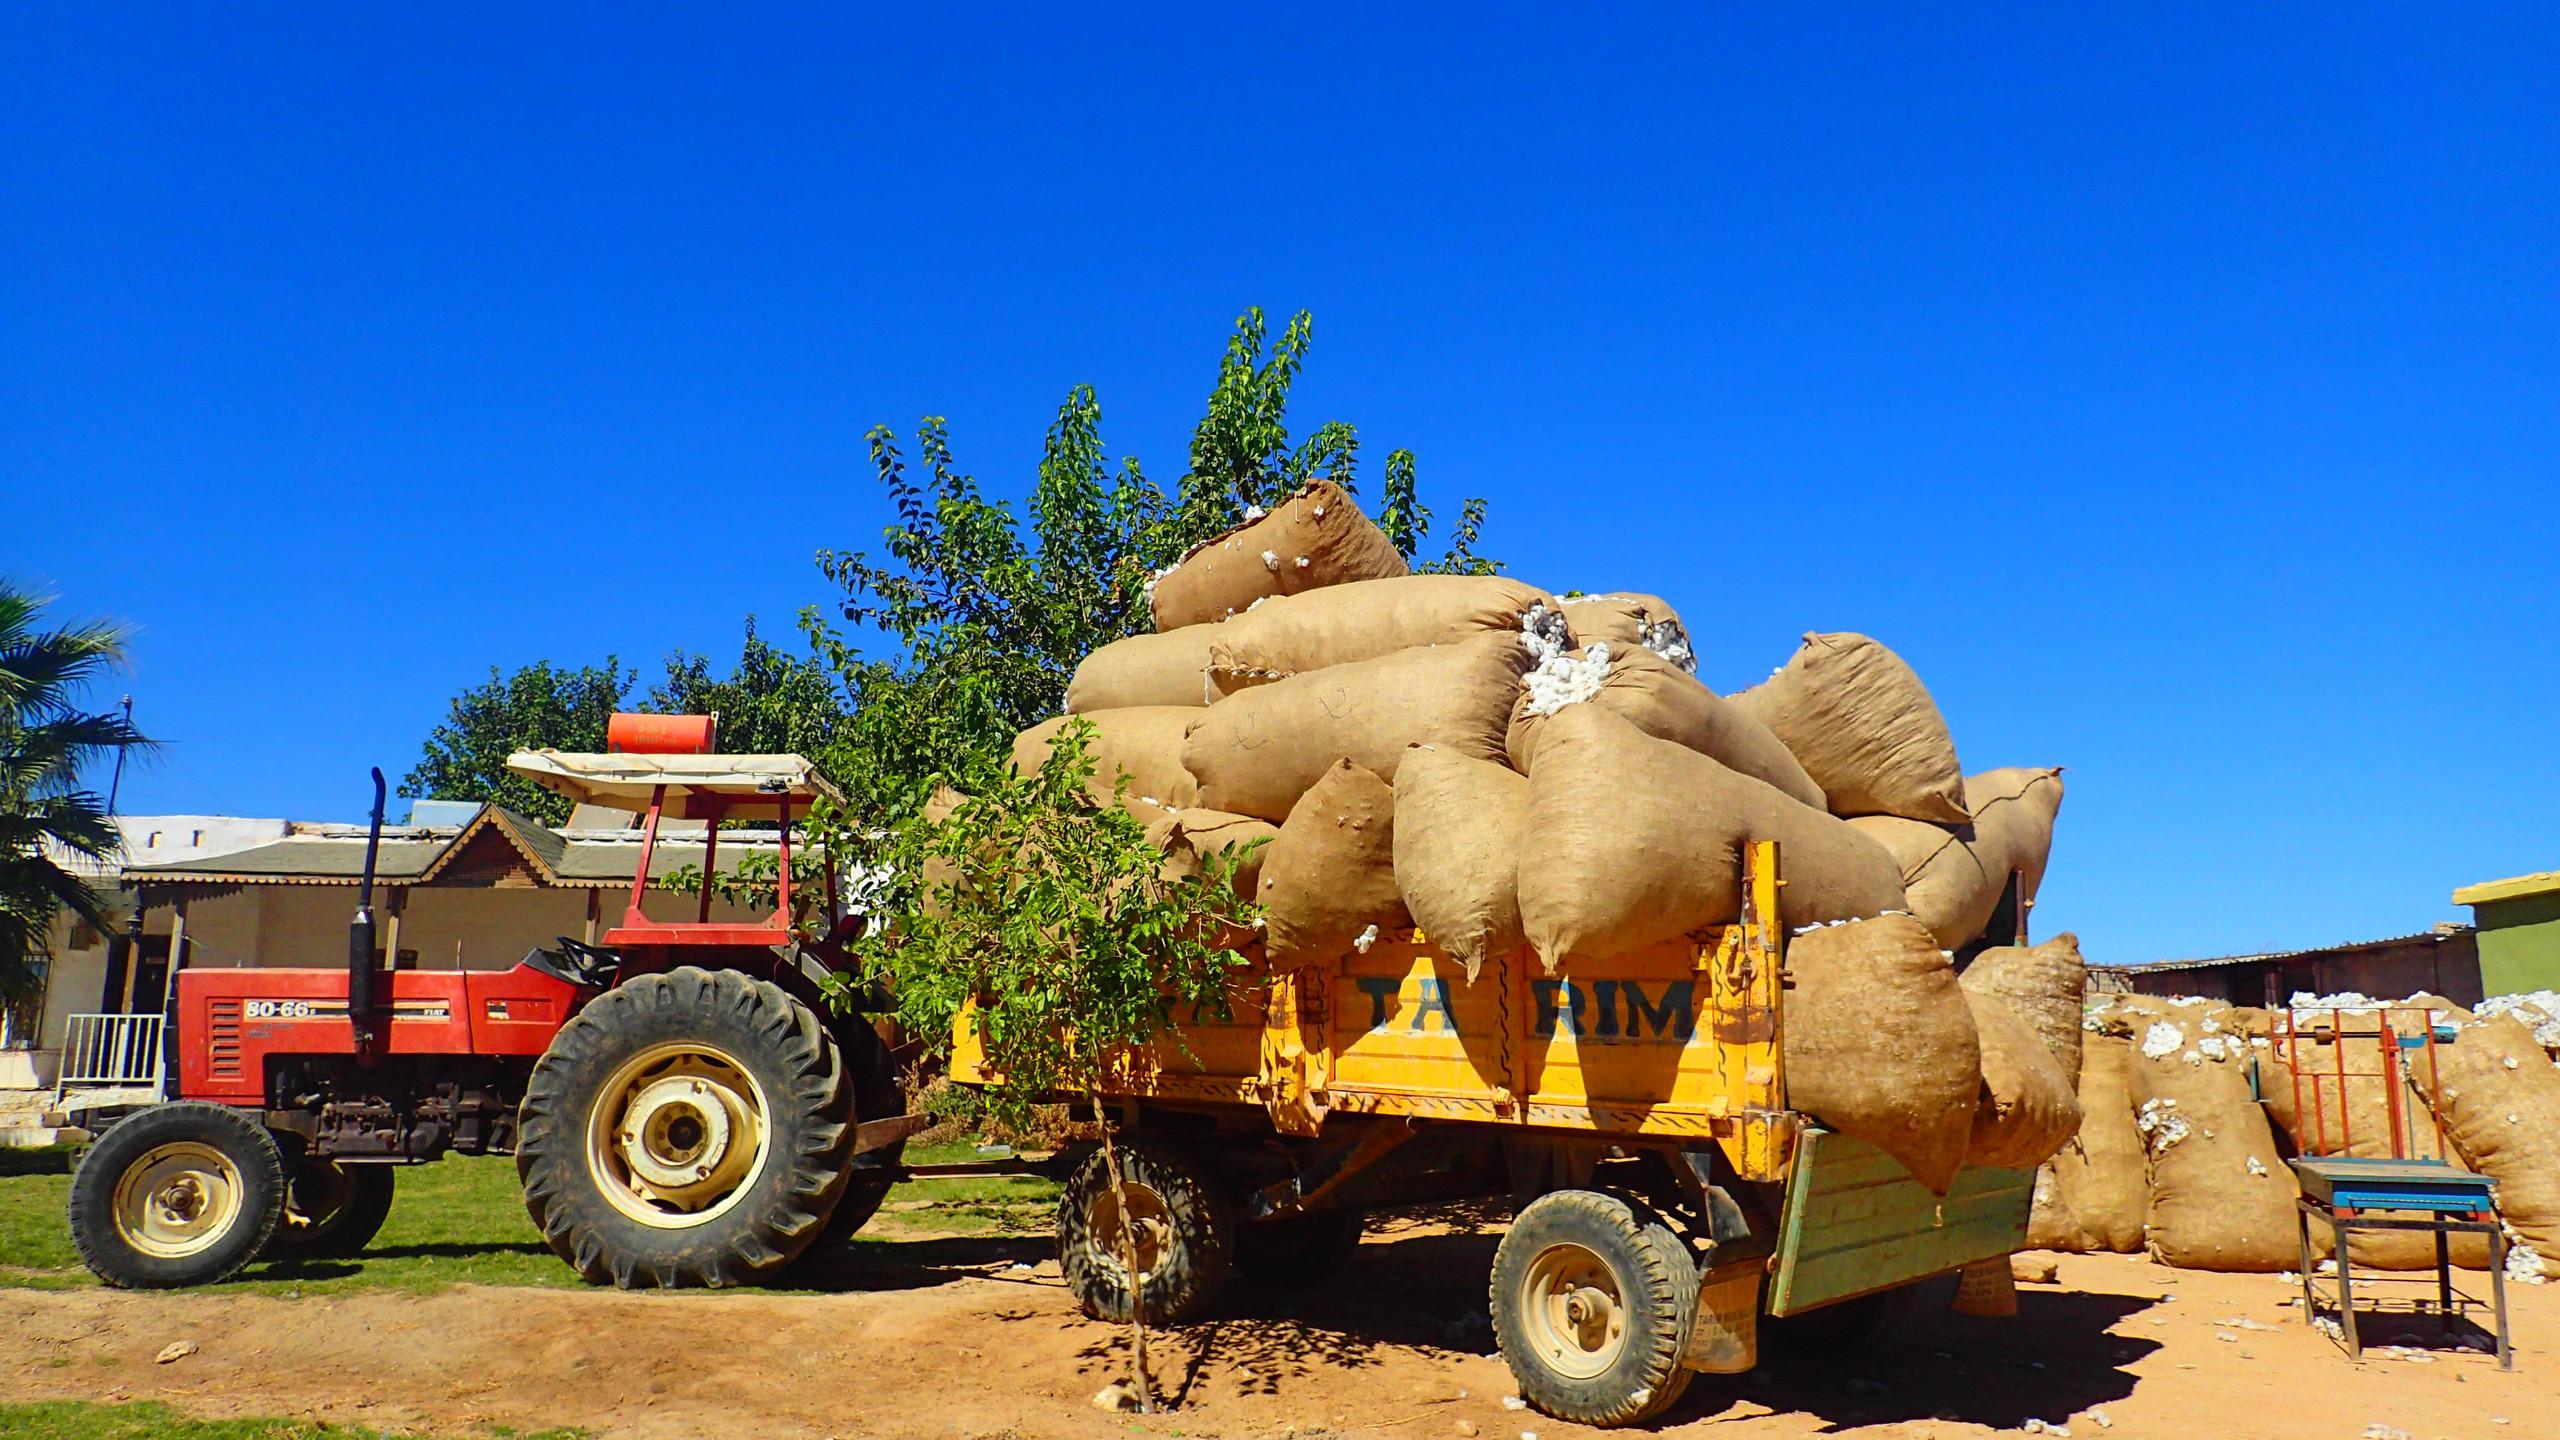 収穫したコットンを運ぶトラック